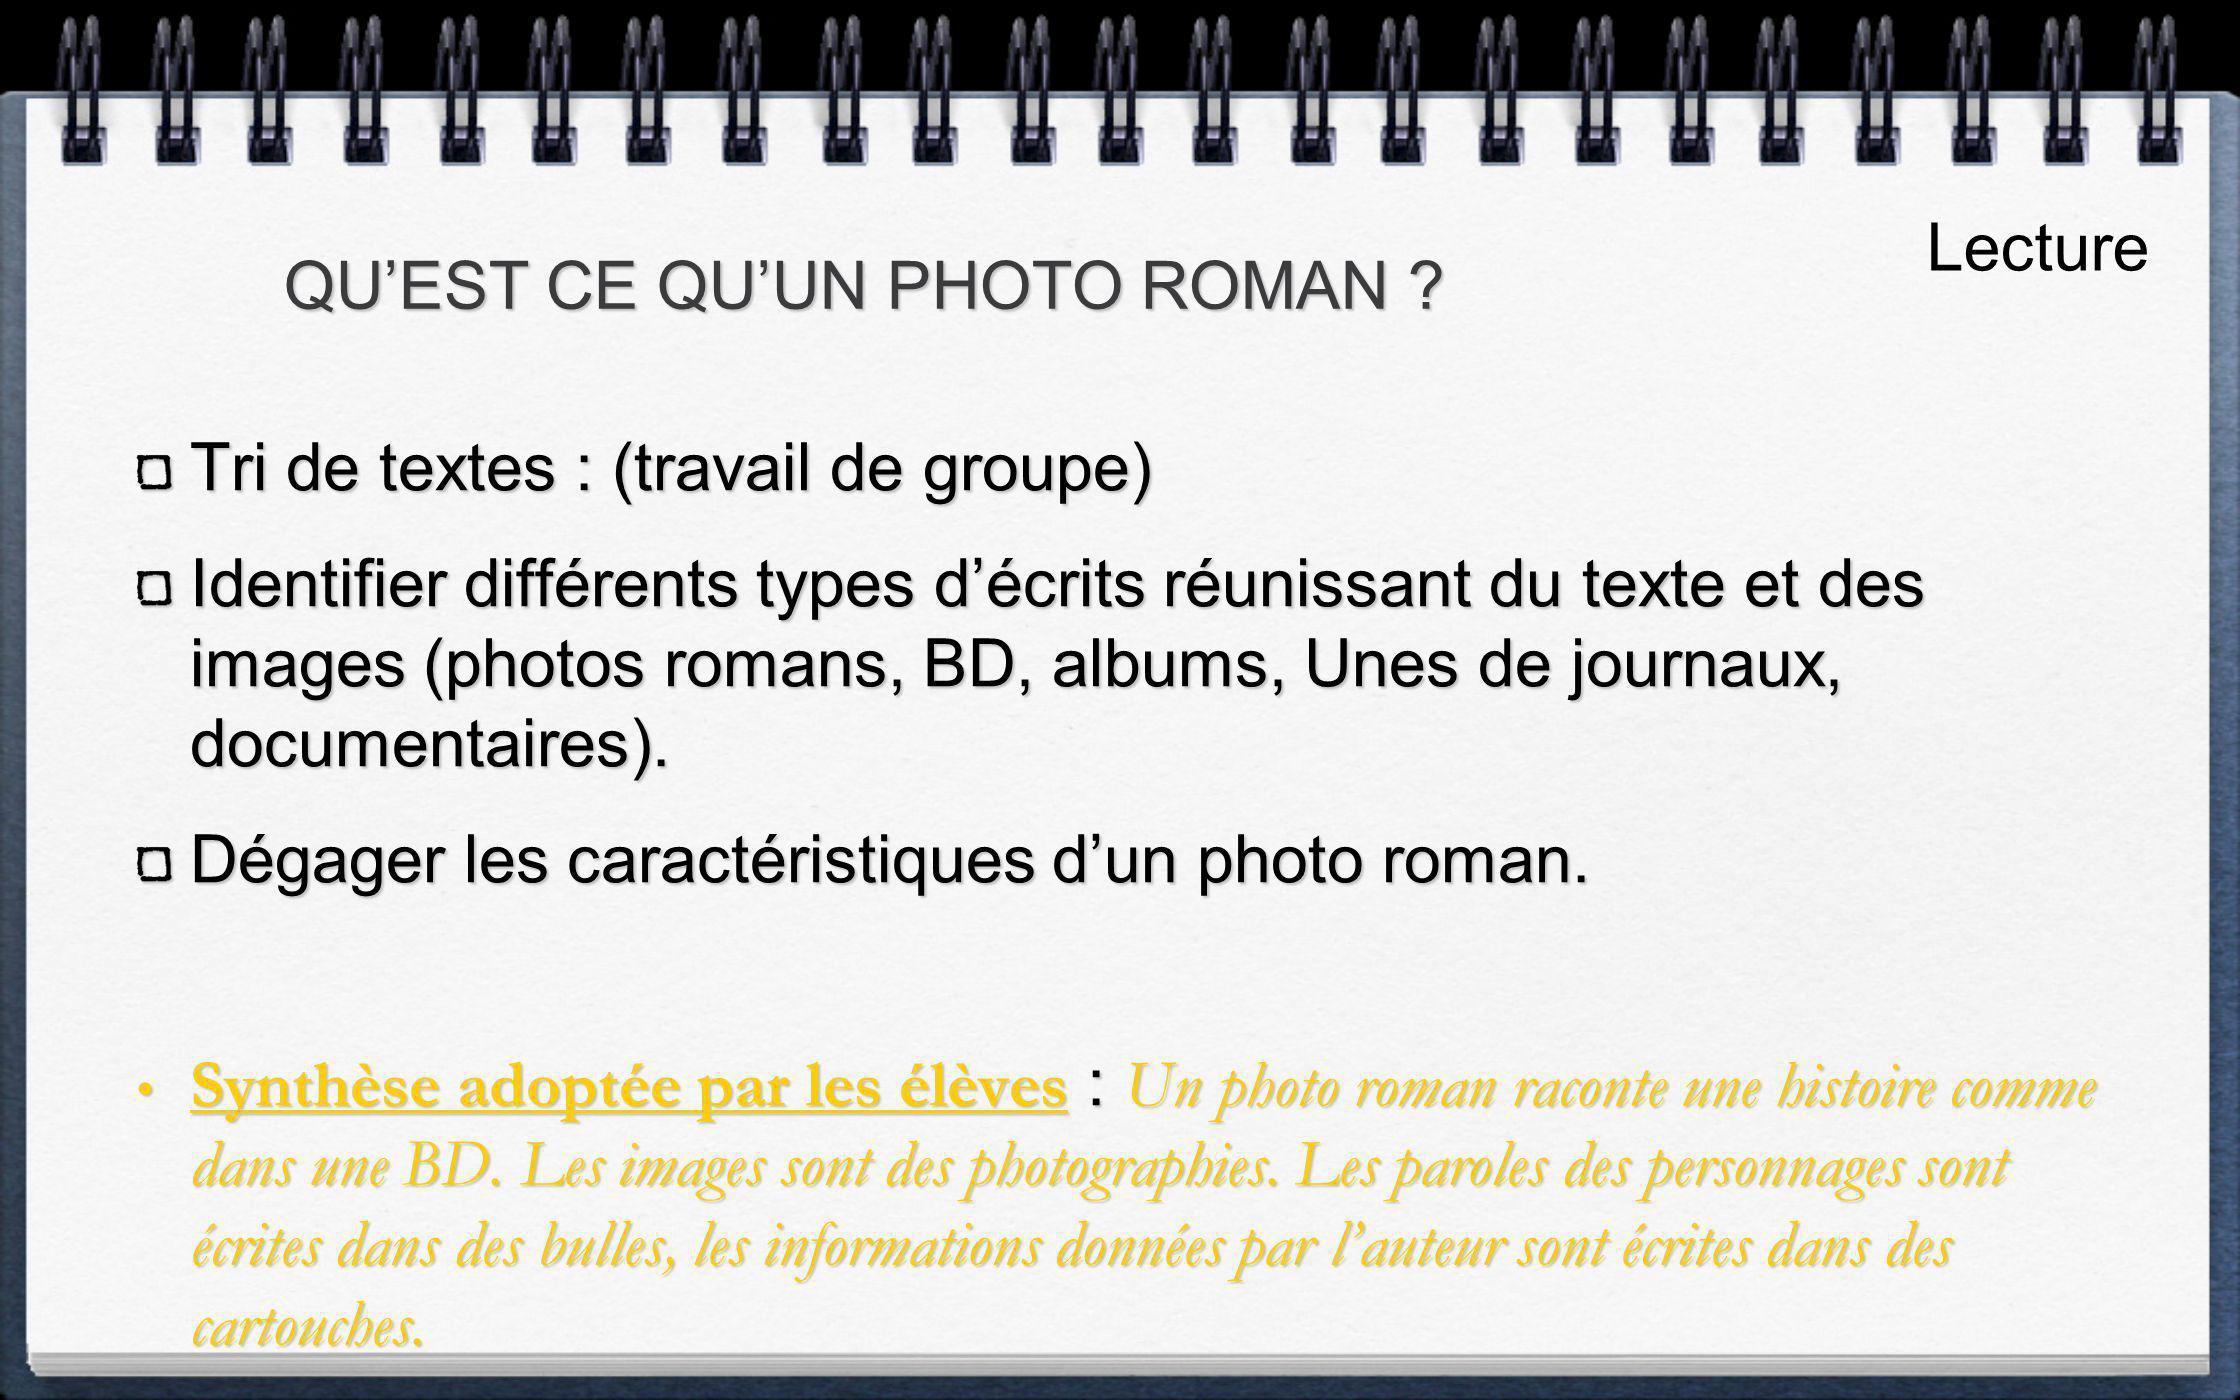 Tri de textes : (travail de groupe) Identifier différents types décrits réunissant du texte et des images (photos romans, BD, albums, Unes de journaux, documentaires).